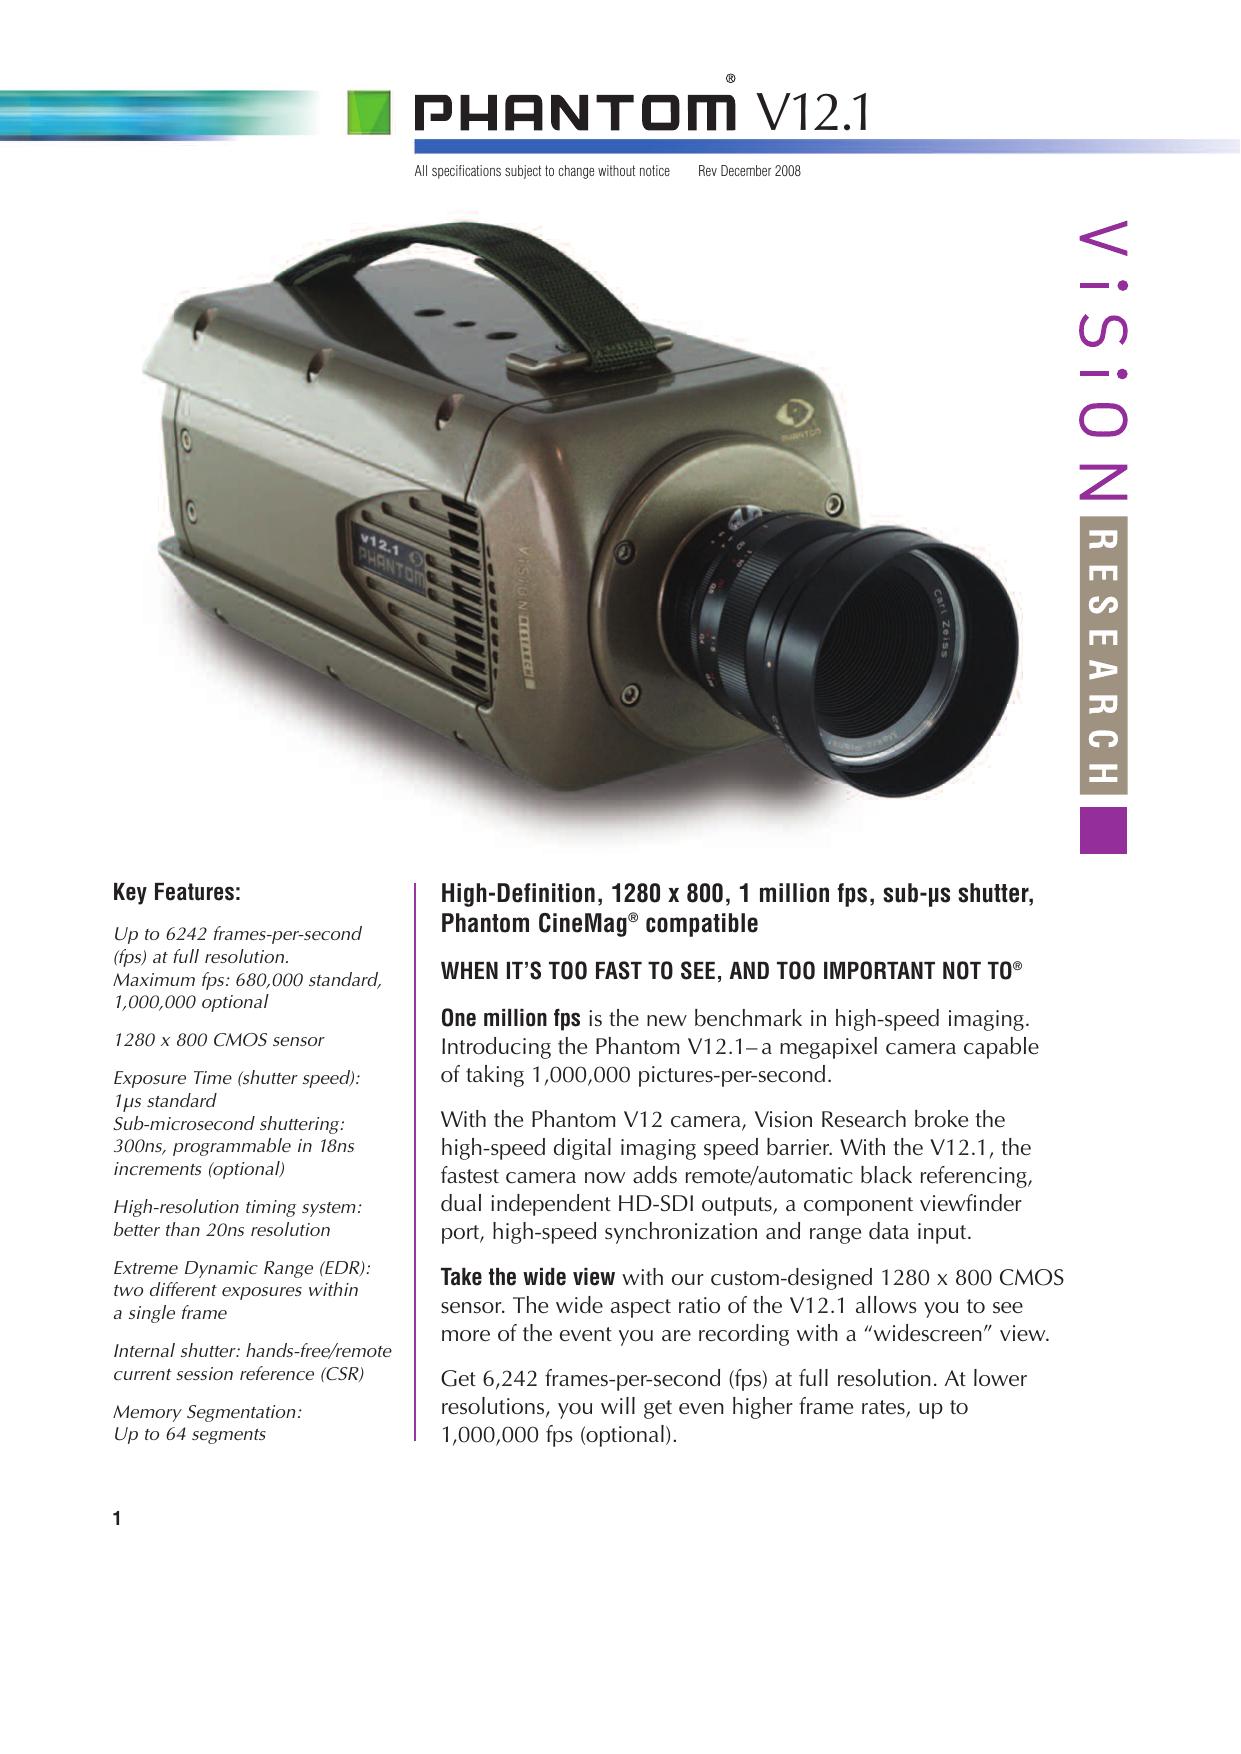 Vision Research Phantom v12.1 Camera Datasheet | manualzz.com